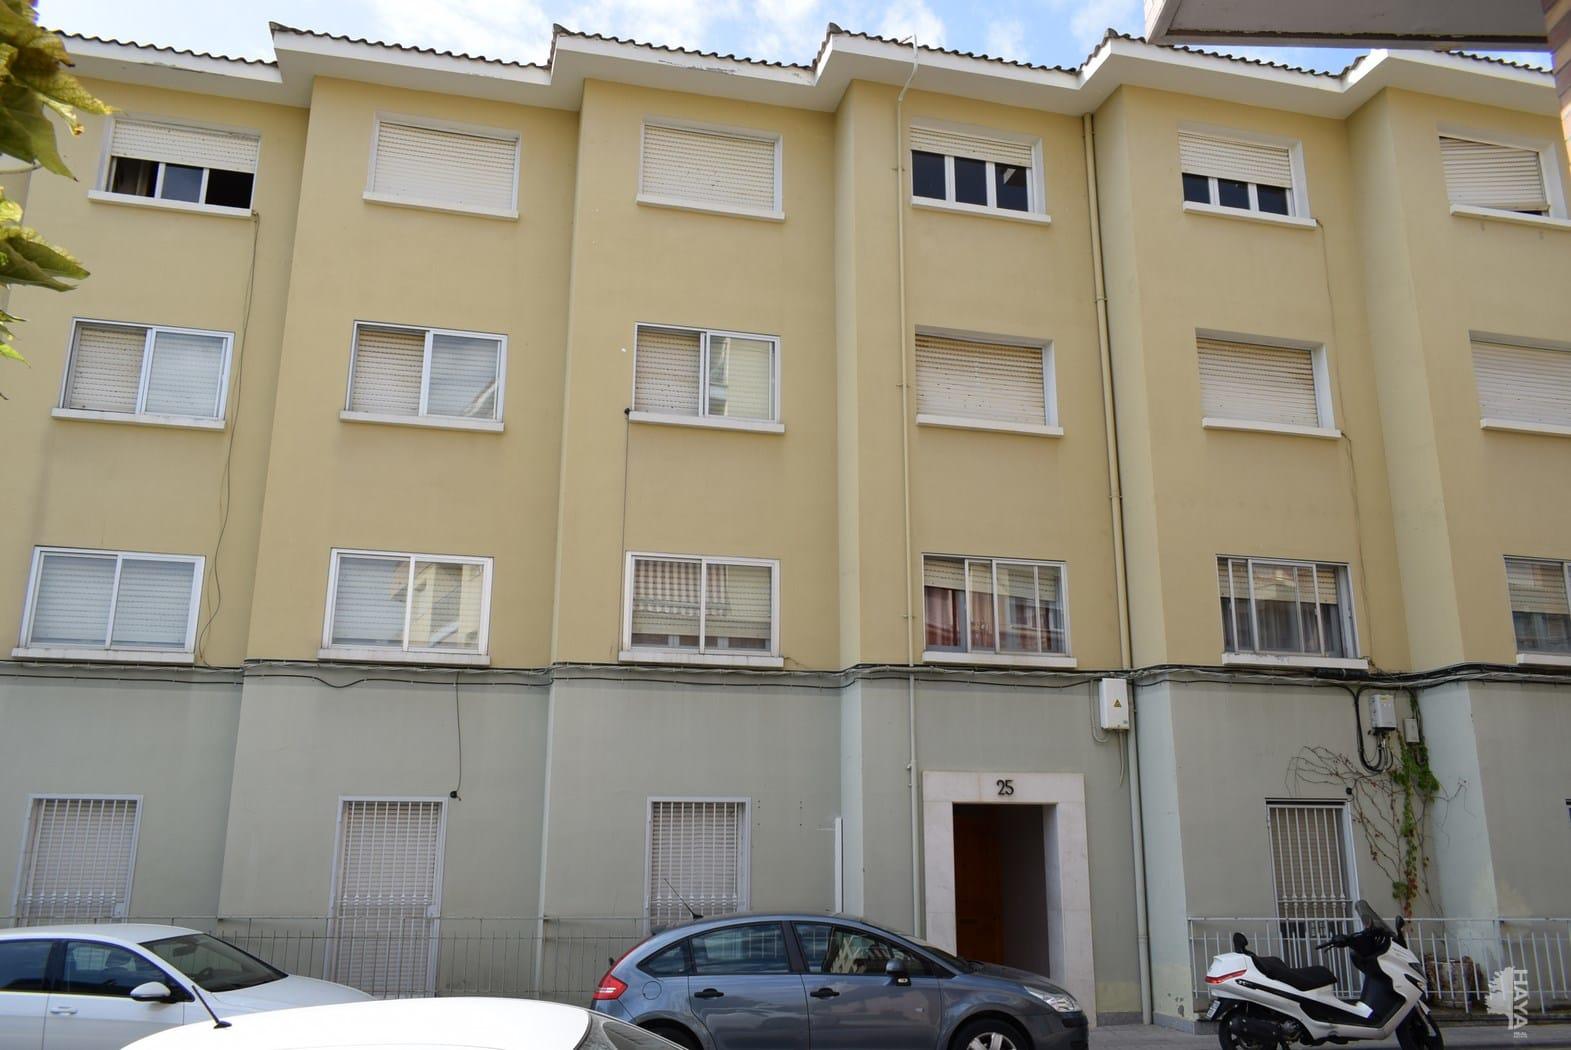 Piso en venta en Barbastro, Barbastro, Huesca, Calle San Juan de la Peña, 54.000 €, 4 habitaciones, 1 baño, 111 m2